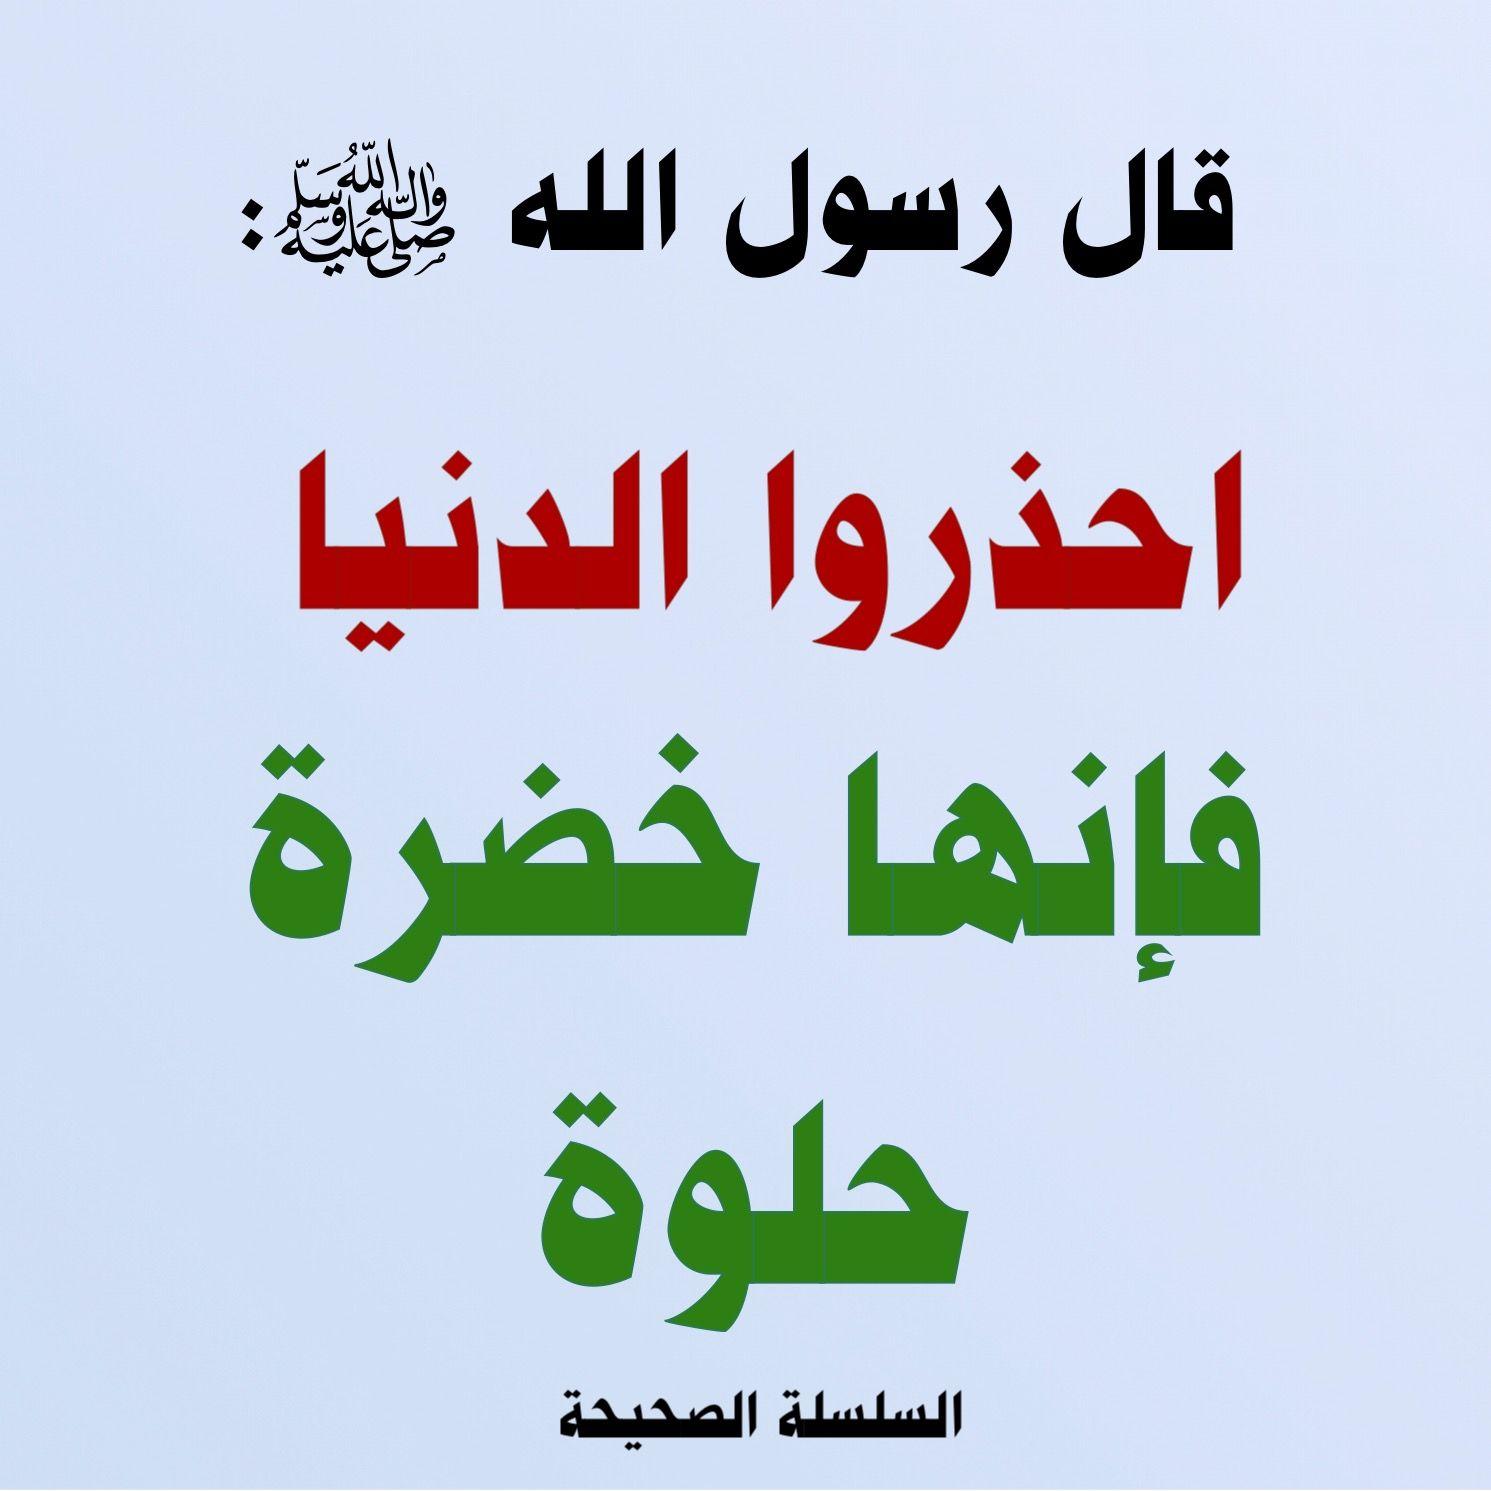 حديث قال رسول الله ﷺ احذروا الدنيا فإنها خضرة حلوة السلسلة الصحيحة Ahadith Hadeeth Arabic Words